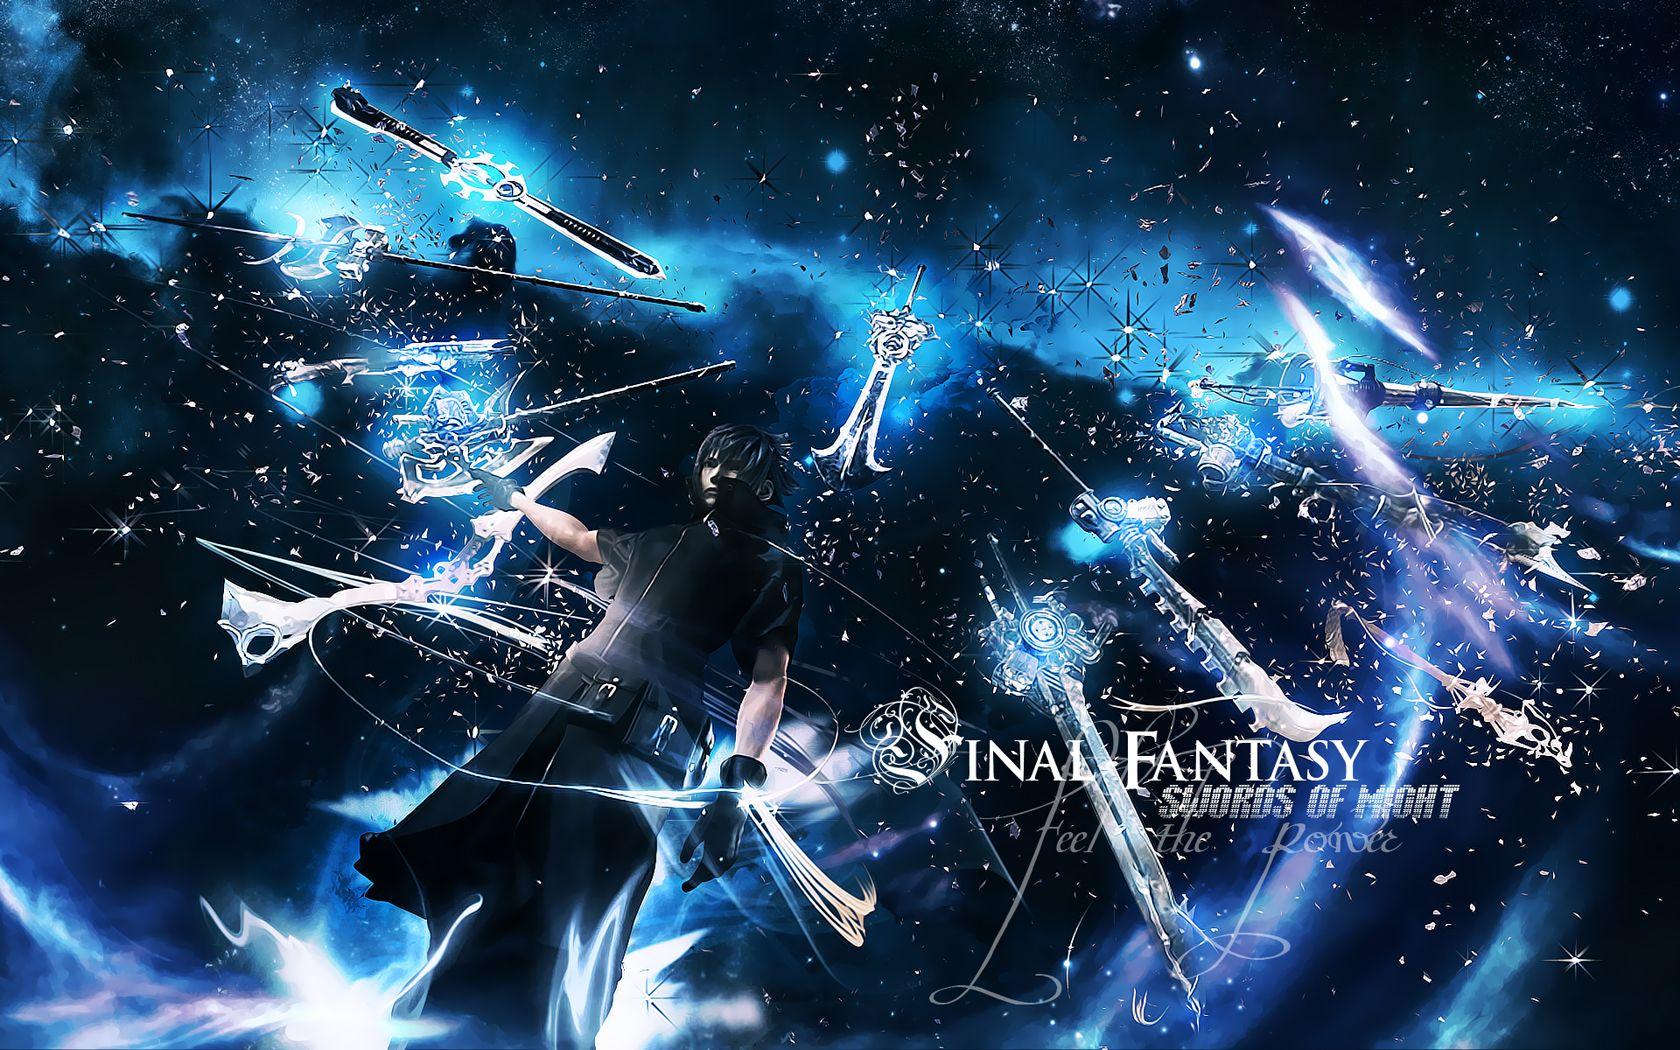 Noctis Lucis Caelum Wallpaper Final Fantasy 15 1920x1080 Final Fantasy Xv Wallpapers Final Fantasy Xv Final Fantasy 15